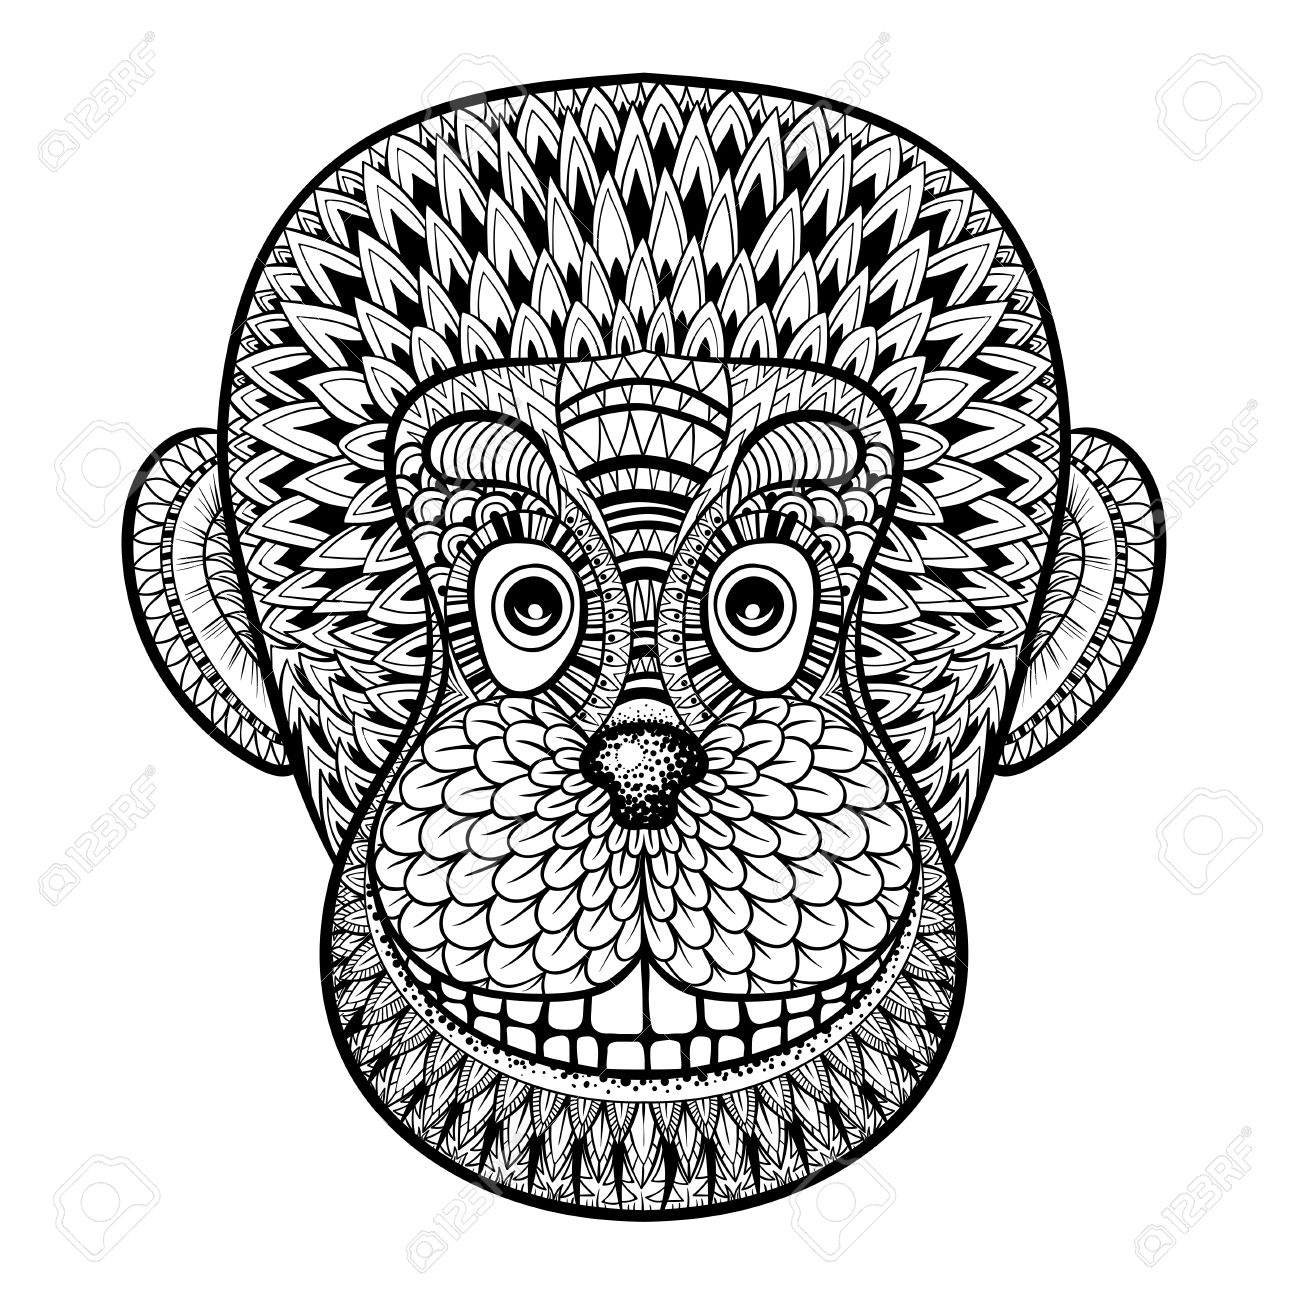 Dibujos Para Colorear Con Cabeza De Mono, Gorila, Ilustración ...